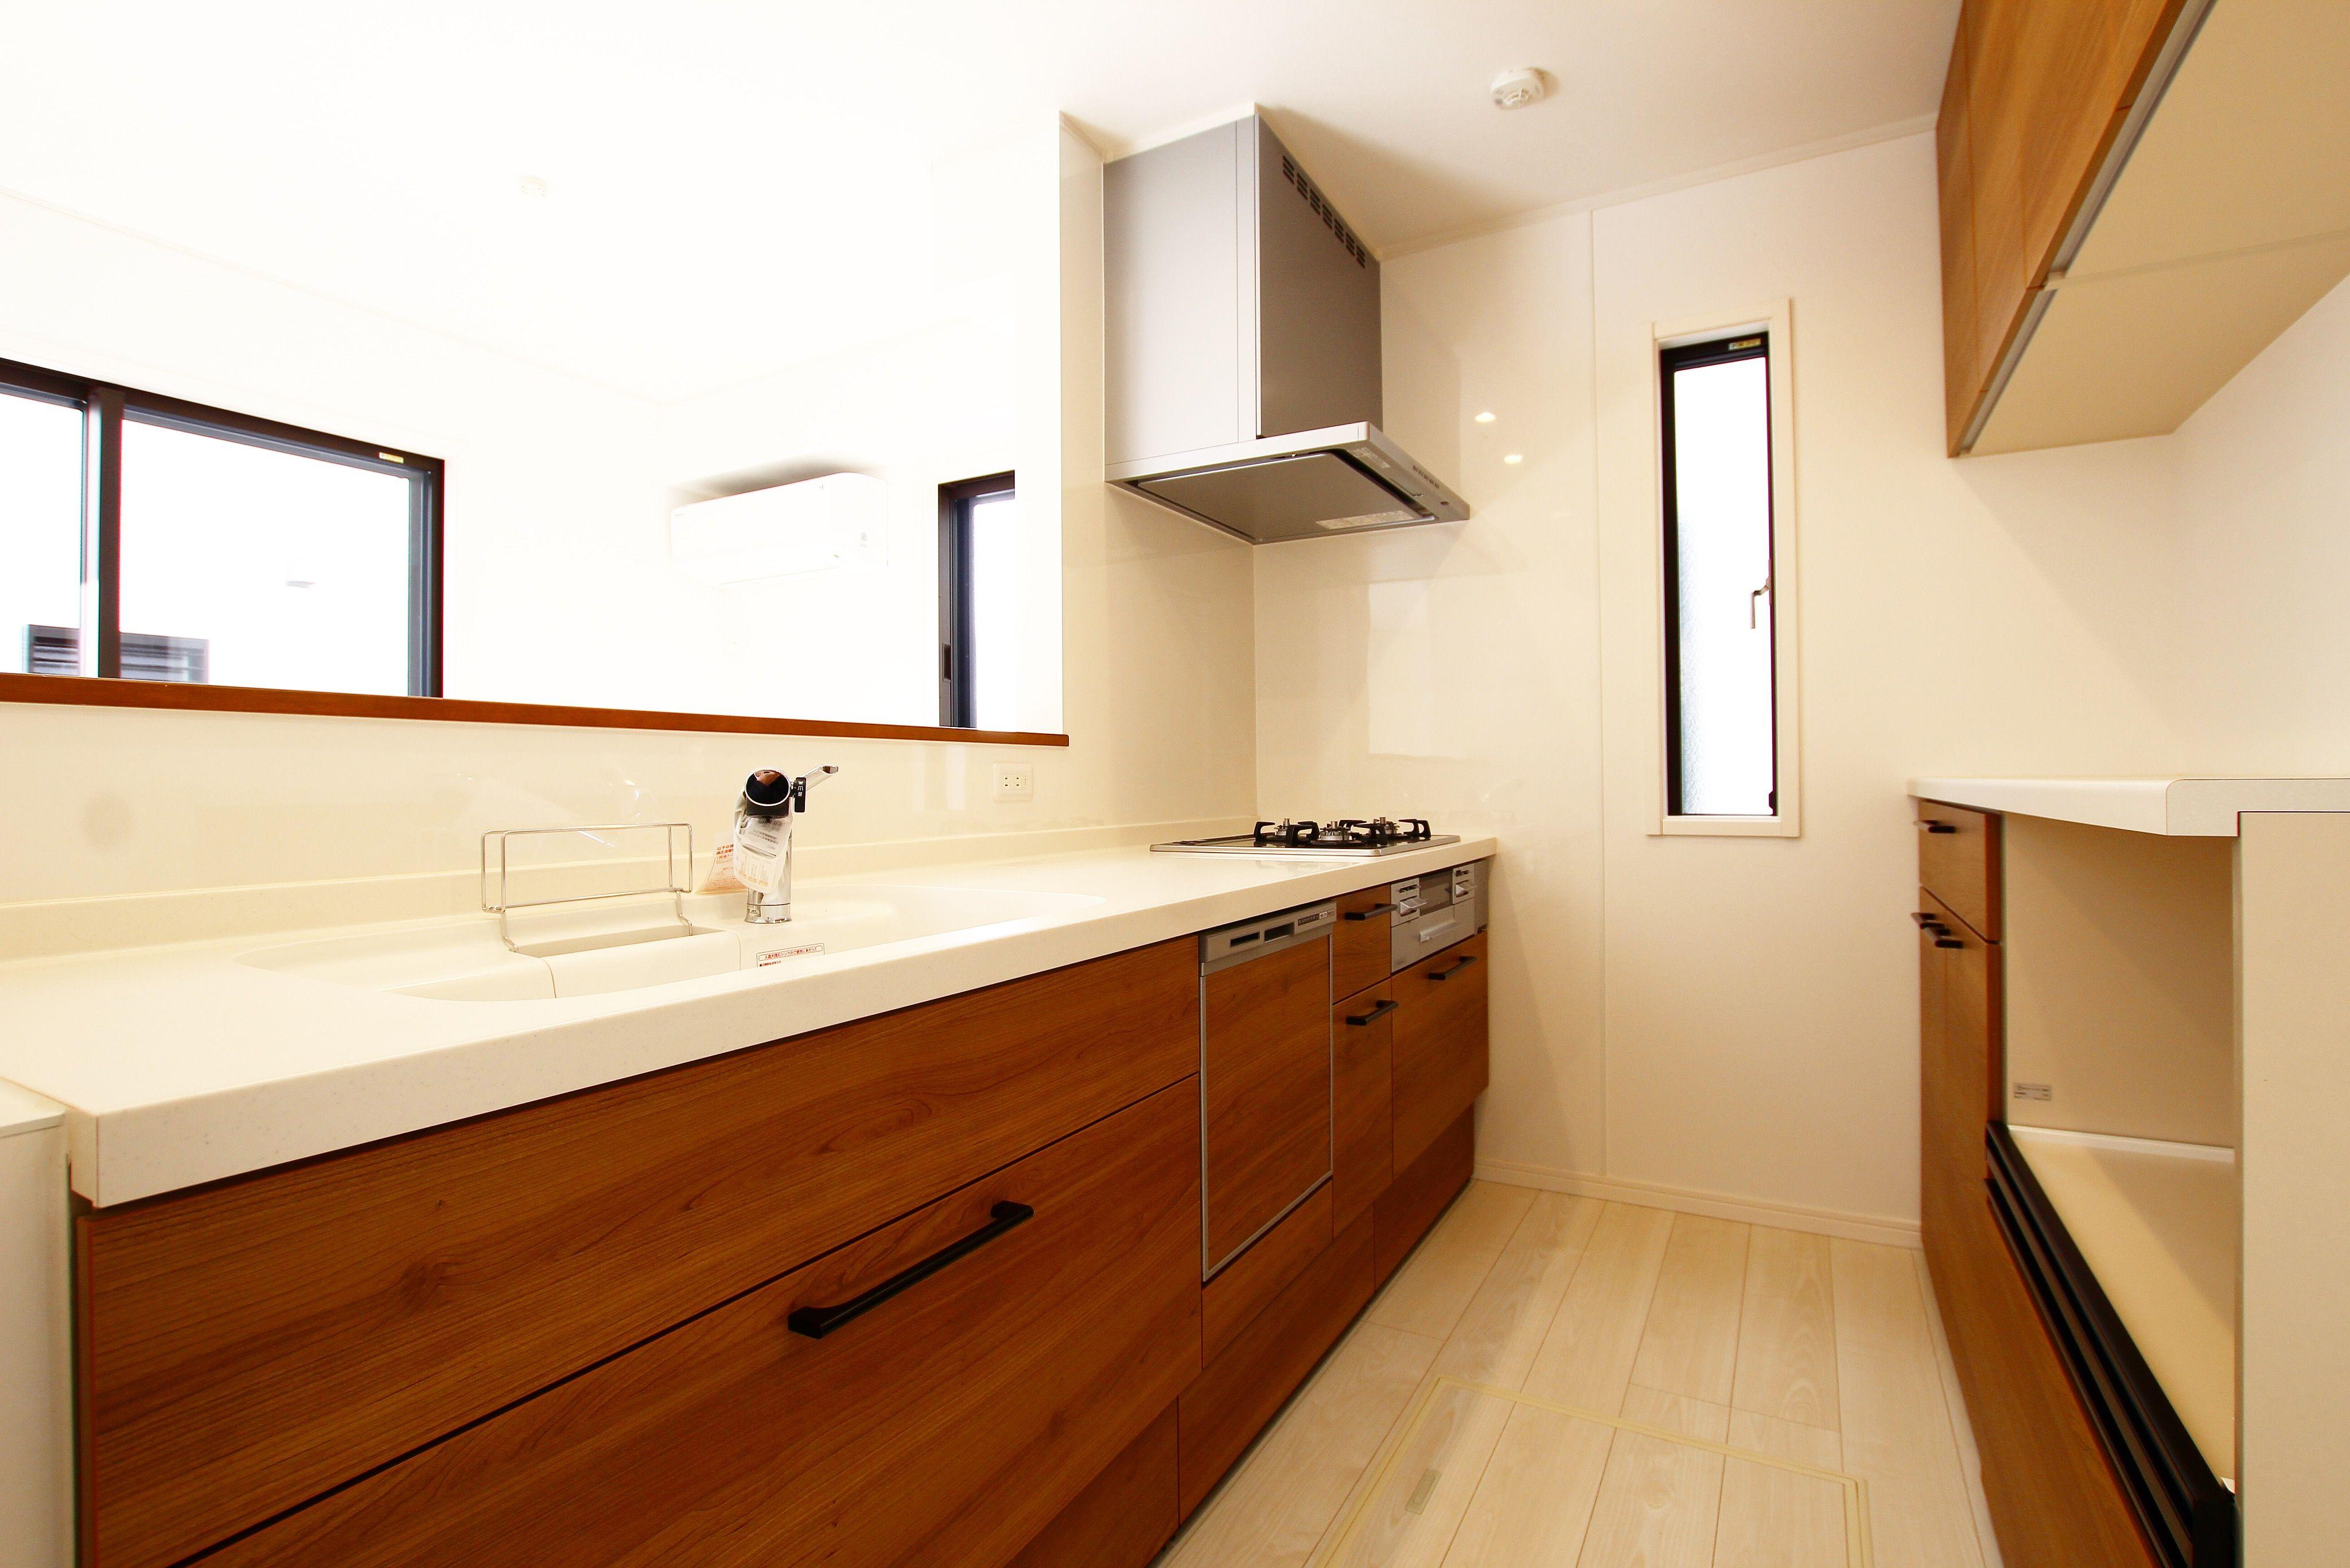 木目の独特な温もりが心を和ませてくれる素敵なキッチンを演出 柔らかいナチュラルな雰囲気の空間はママのお気に入りの場所になりそうです Naturalkitchen Kitchen キッチン 木目調のキッチン お洒落なキッチン 流行りのキッチン 温もりの リノベーション